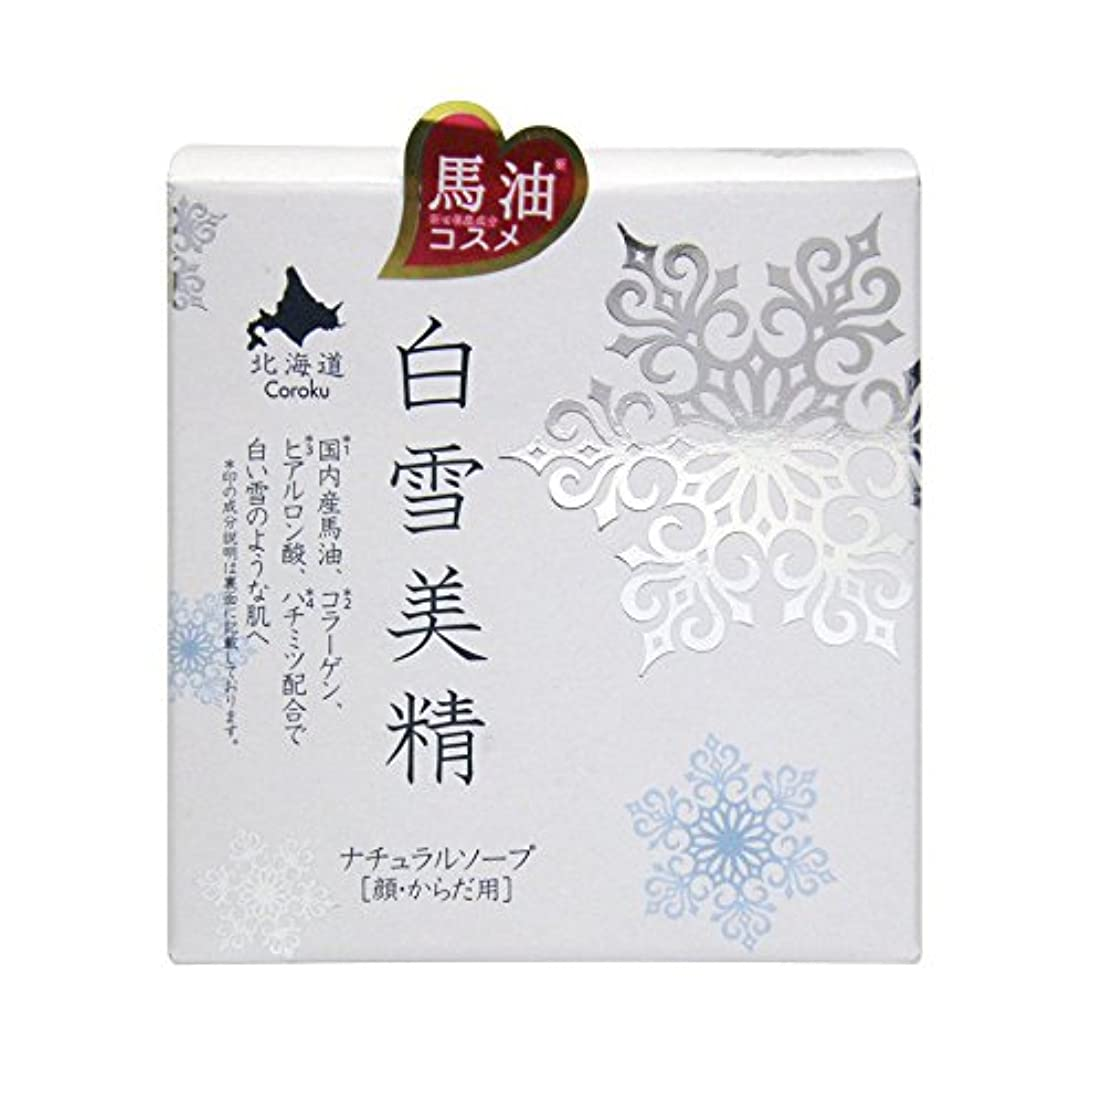 Coroku 白雪美精 ナチュラルソープ(顔?からだ用) 100g